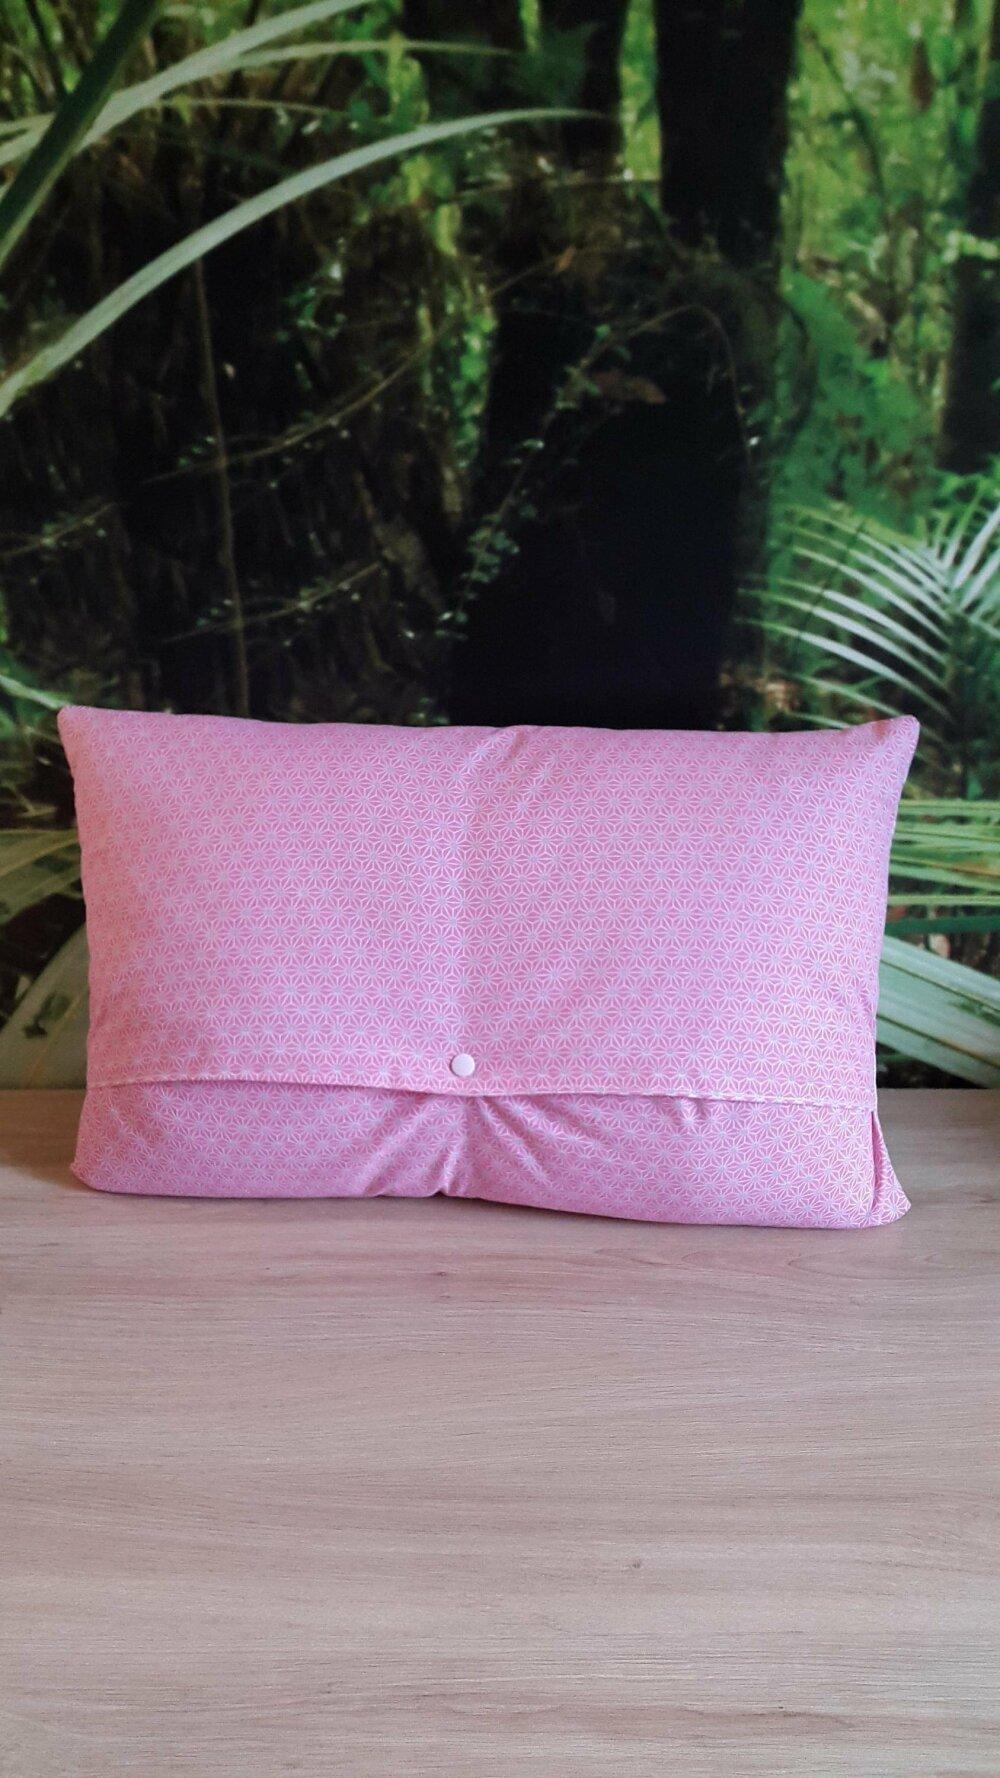 Housse de coussin Flamant rose - 30 x 50 cm - décoration tropicale et tendance - Collection été - coton